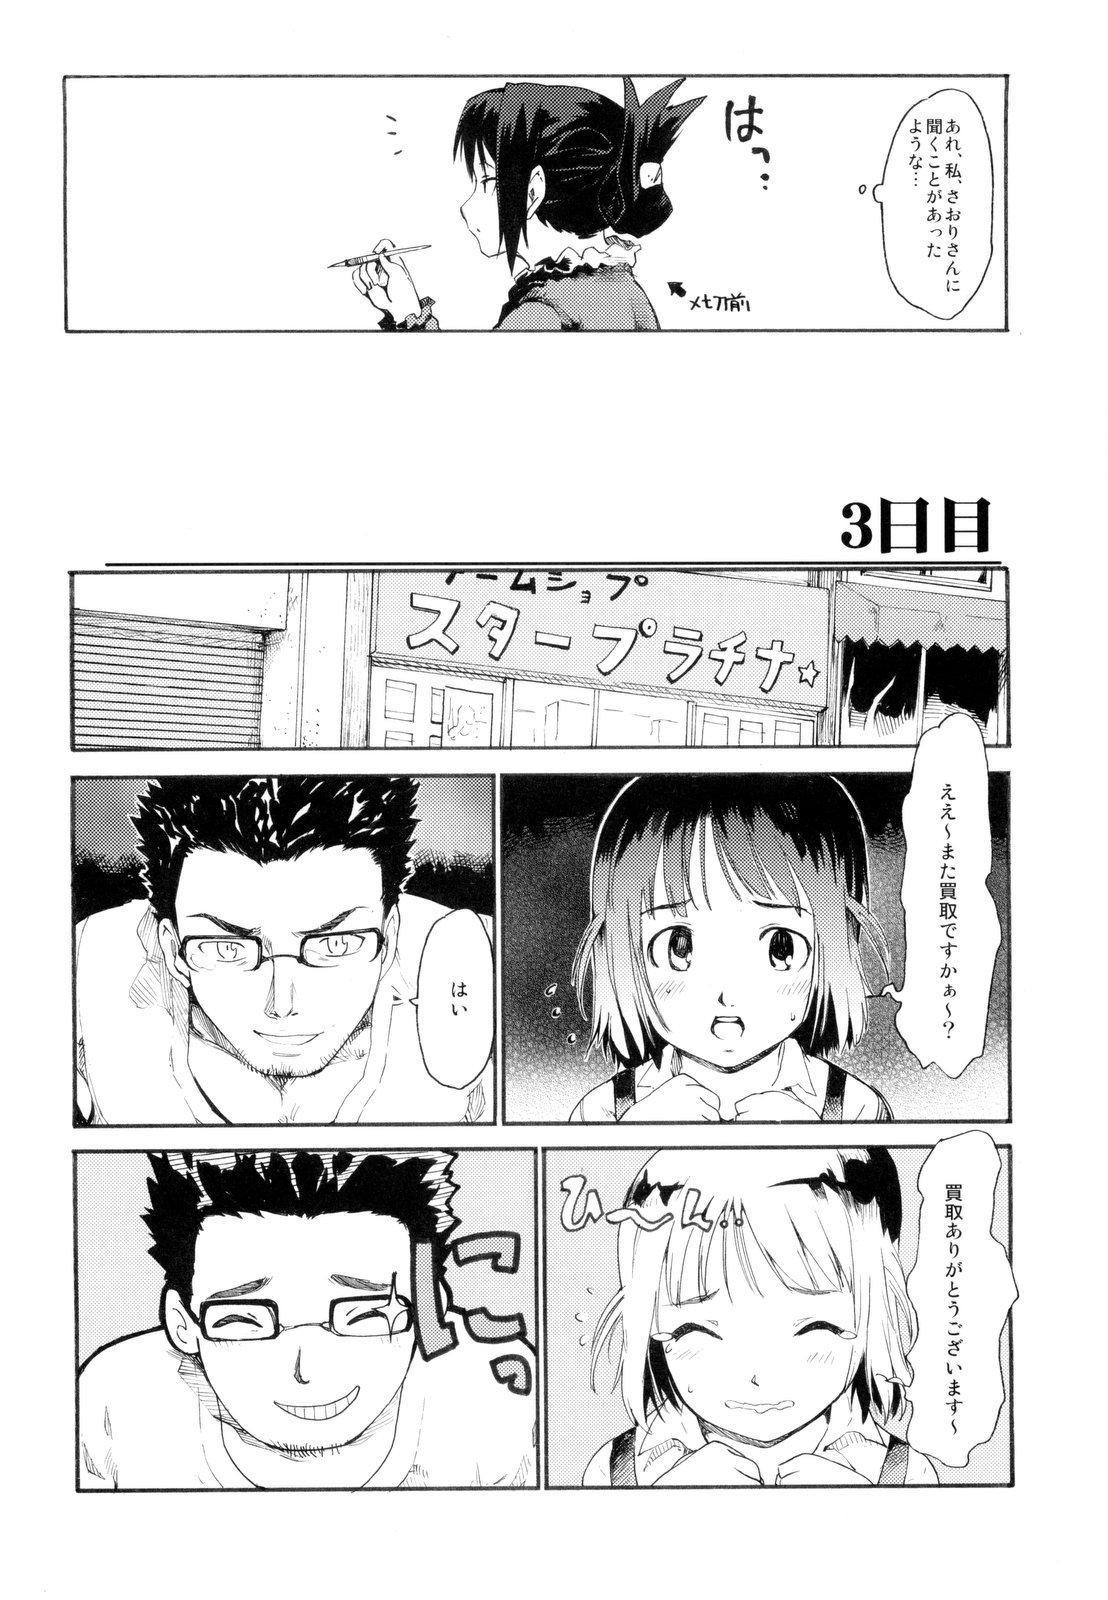 (ComiComi13) [Paranoia Cat (Fujiwara Shunichi)] Akogare no Hito -Himitsu no Isshuukan- #3 25